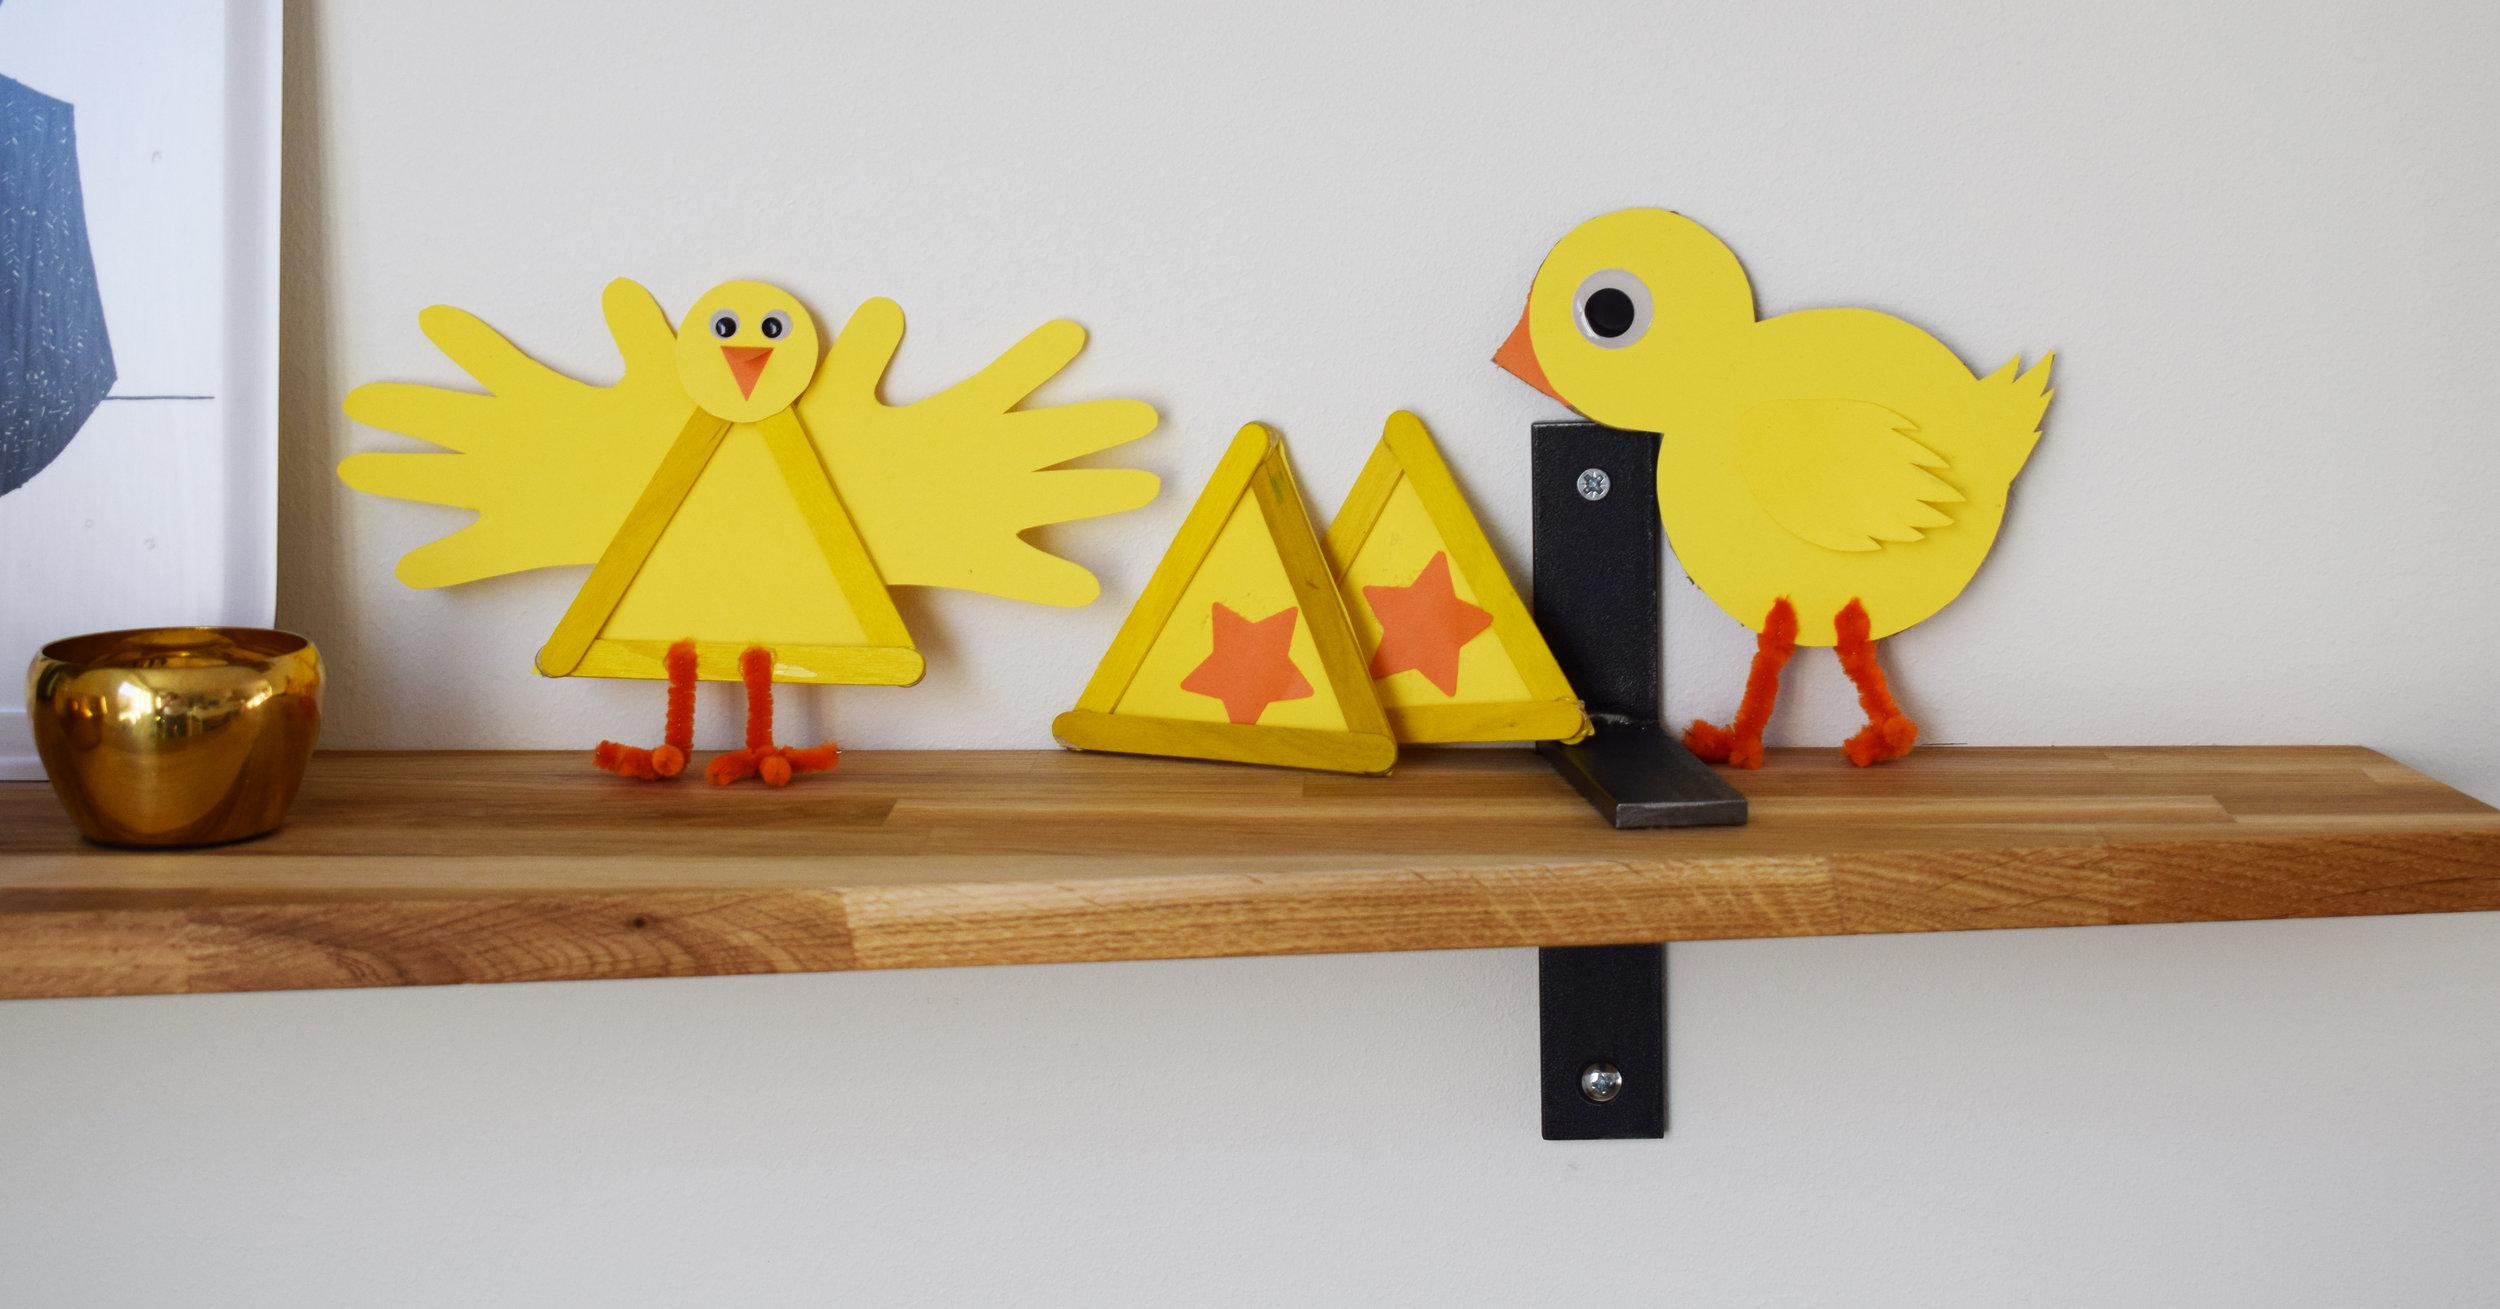 Typexempel på hur det brukar bli. Längst till vänster har jag gjort i stort sett exakt som man skulle. Det skulle bli 3 kycklingar, men Freja tog mina två andra stommar och limmade fast stjärnor på dem. Och Jonas satt koncentrerad ett hörn och hade helt plötsligt producerat kycklingen till höger bara från eget huvud. Instruktioner till min kyckling: Plånbokssmart